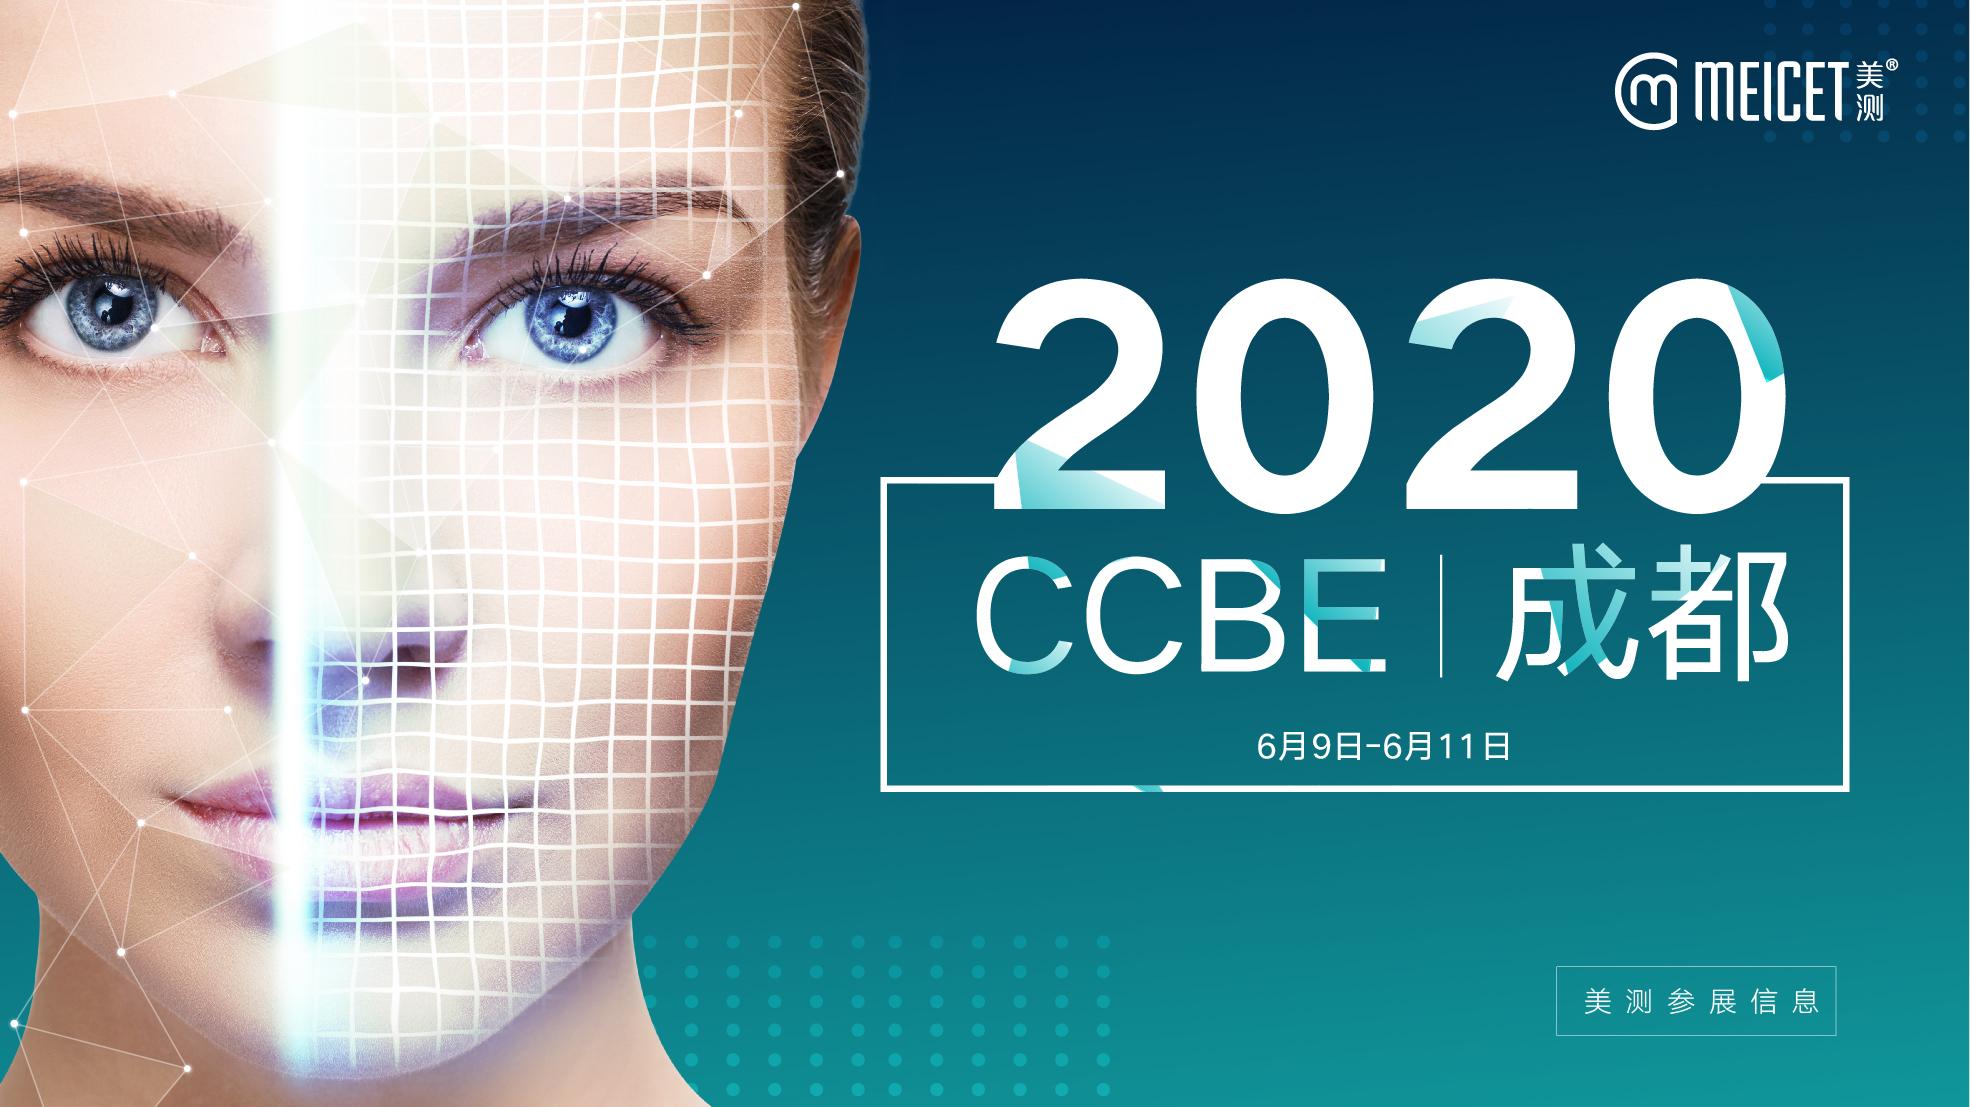 成都CCBE展会直击 | 智能美测—以科技力量,惊艳成都!